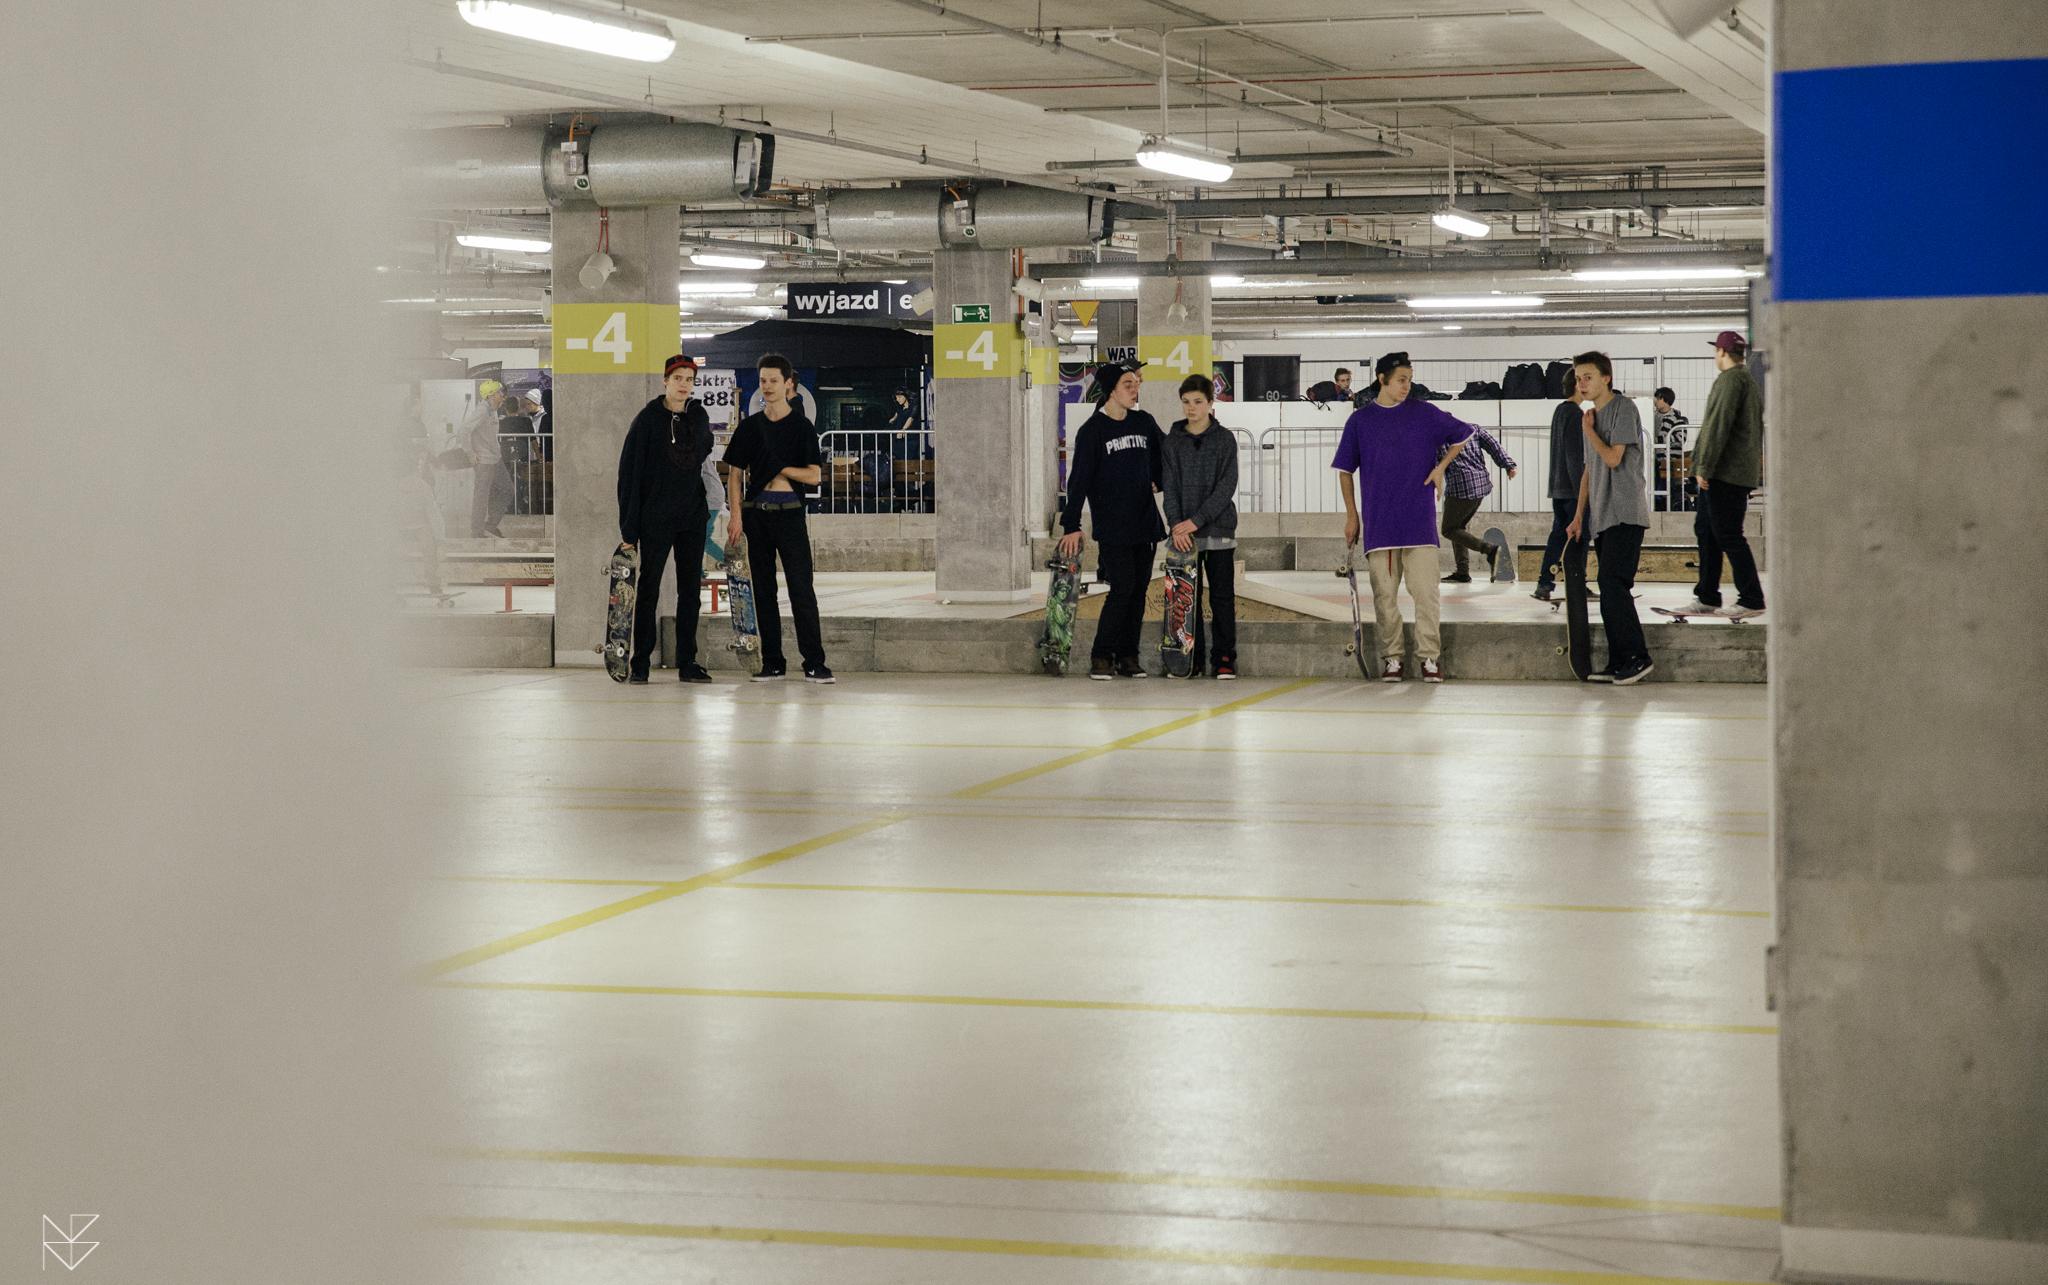 Otwarty skatepark na Stadionie Narodowym